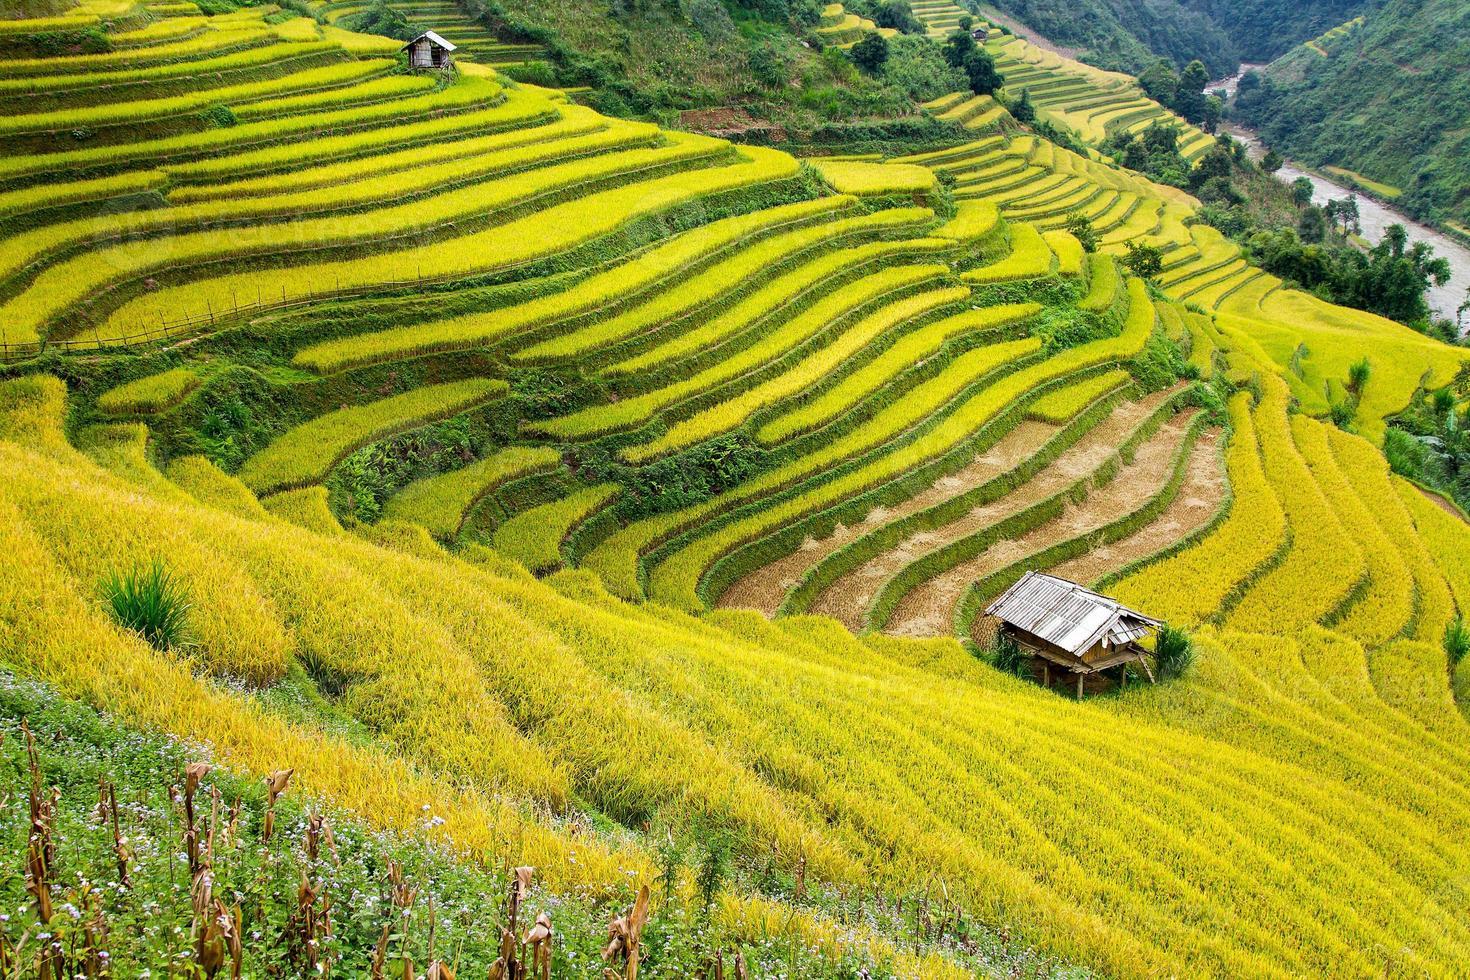 champs en terrasses dans la région montagneuse du nord du vietnam photo